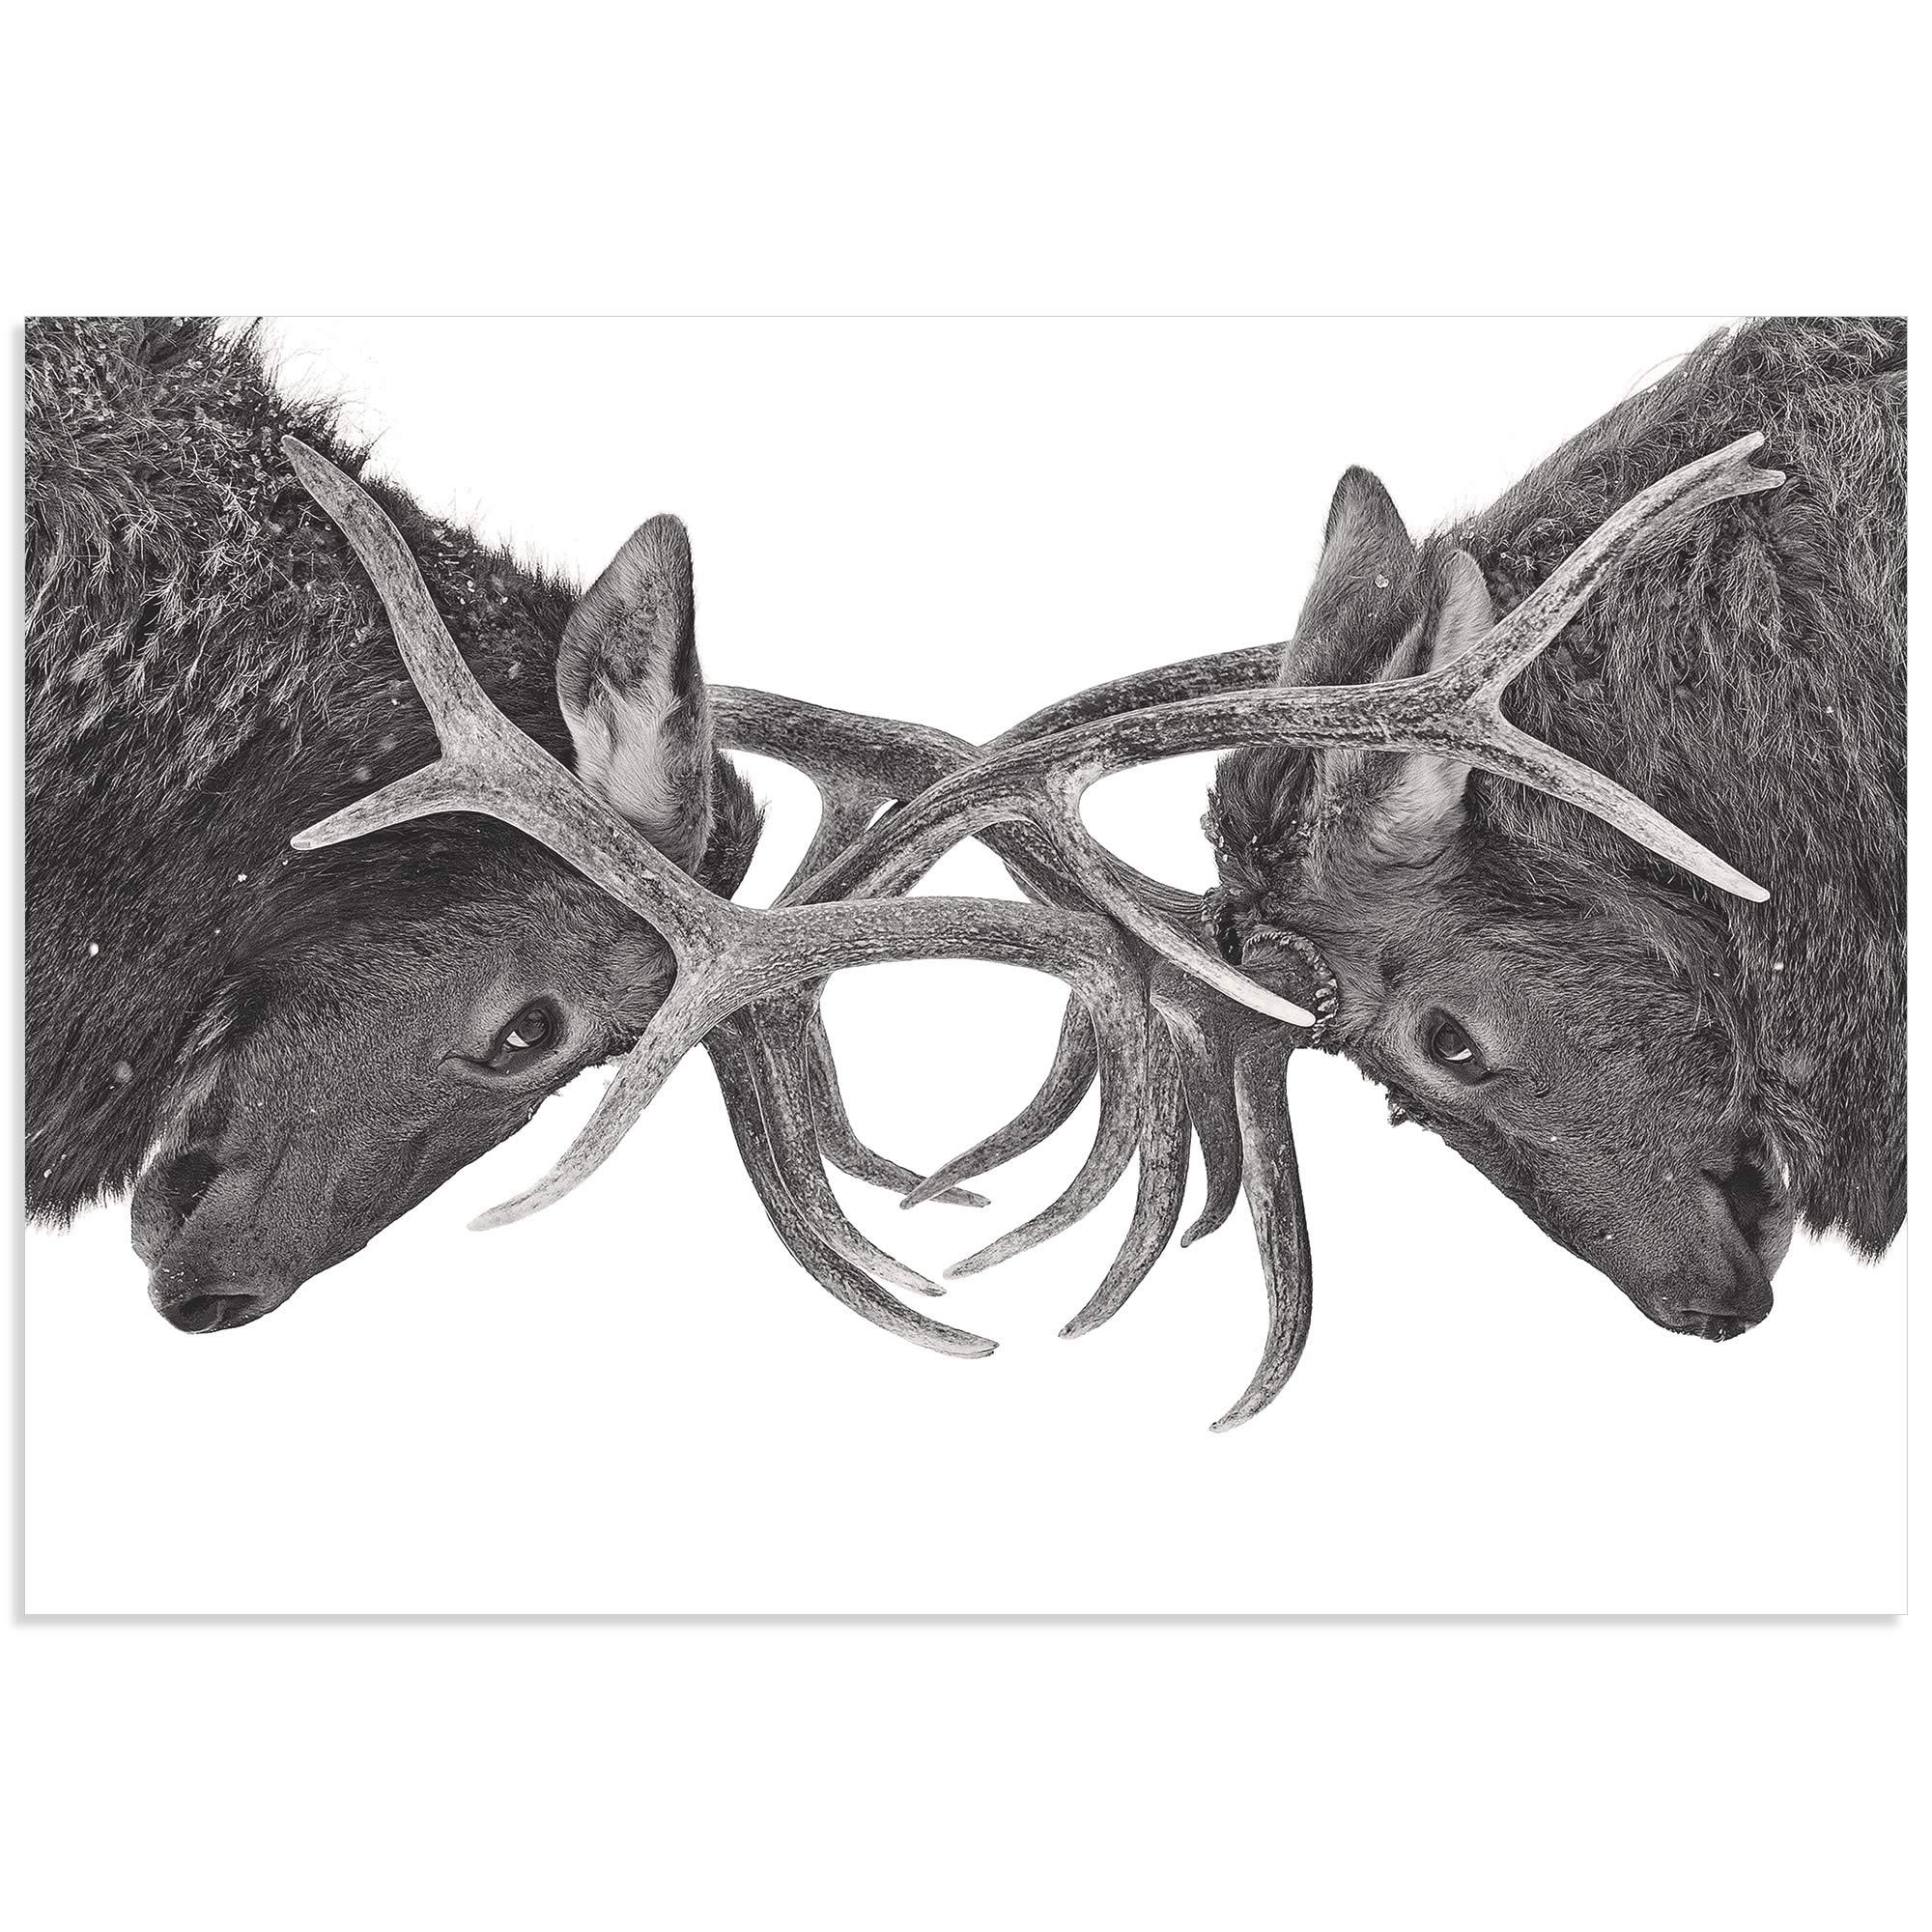 Antler to Antler by Jim Cumming - Deer Antlers Art on Metal or Acrylic